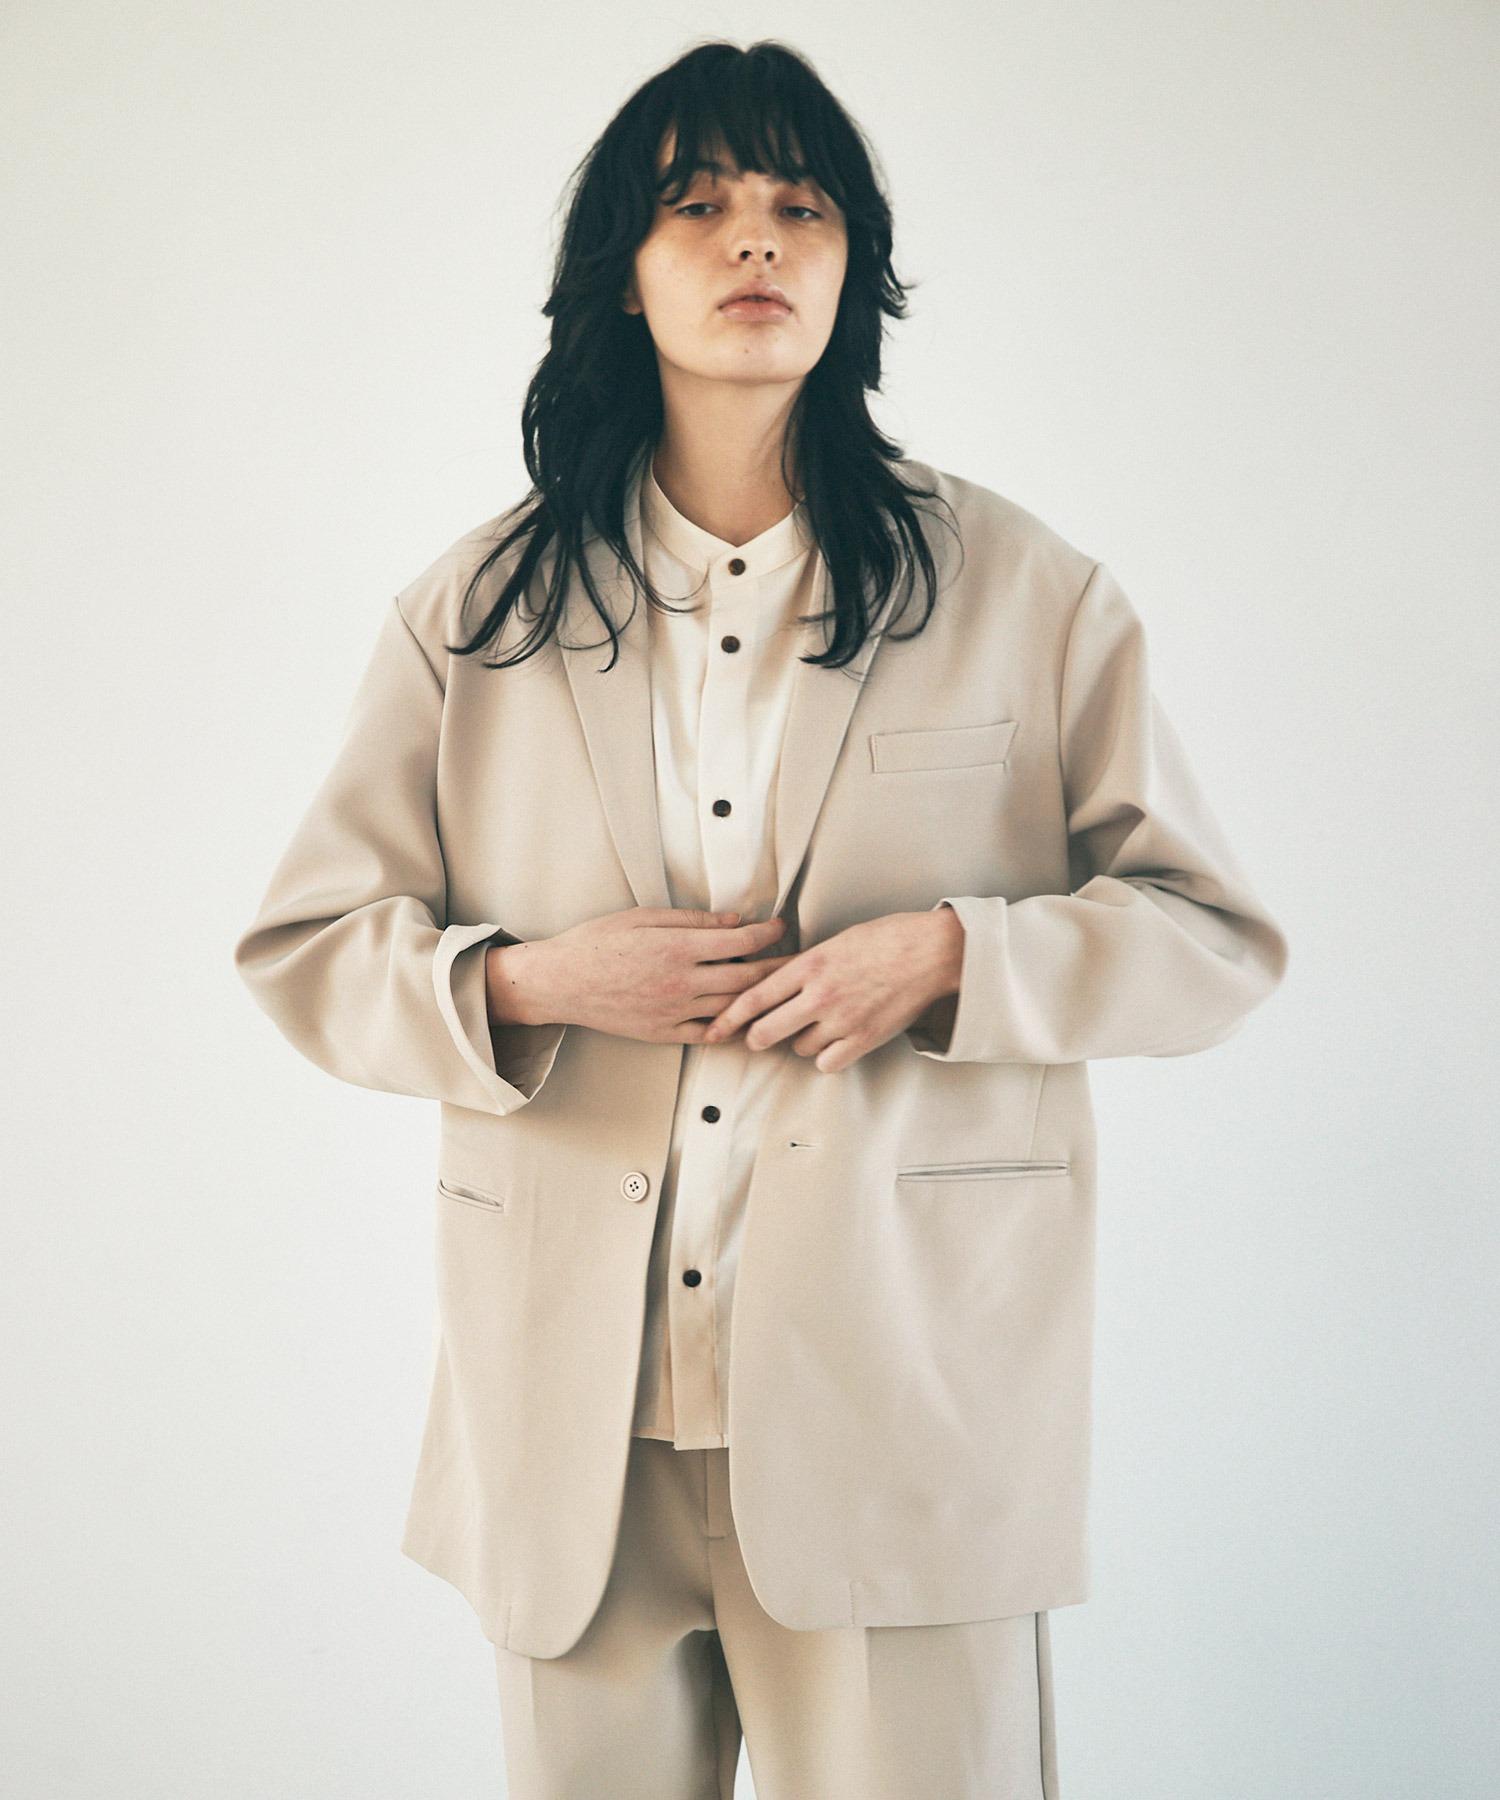 ルーズシルエットテーラードジャケットEMMA CLOTHES 2021 S/S